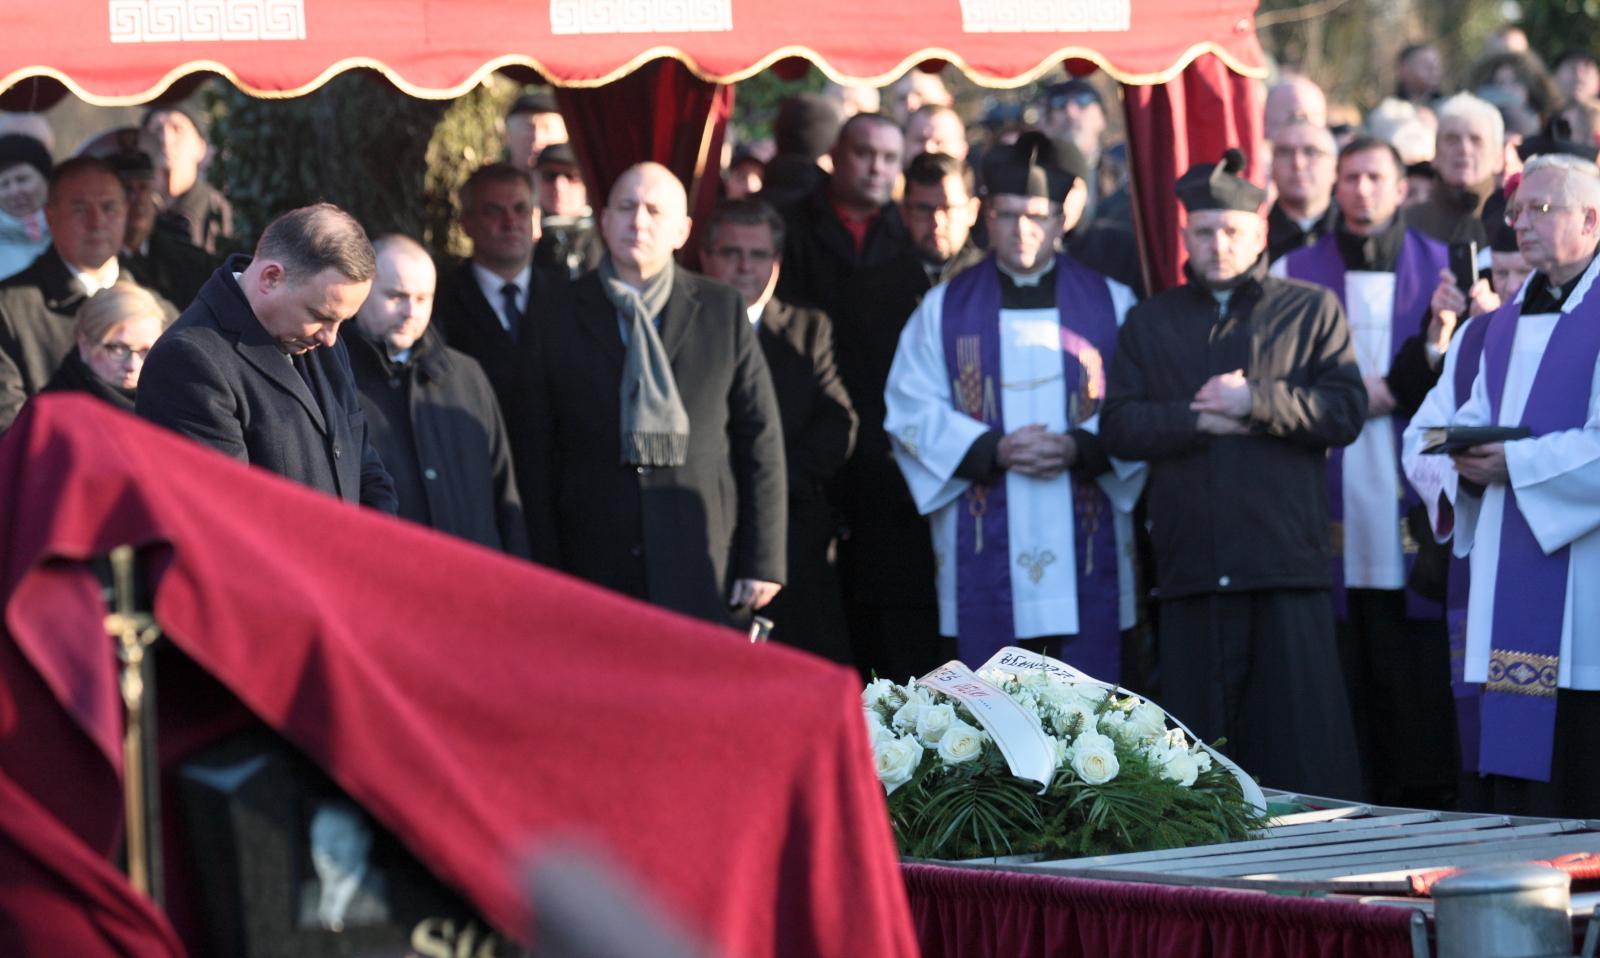 Uroczystoœści pogrzebowe Łukasza Urbana - kierowcy, który zginął w zamachu w Berlinie - na cmentarzu komunalnym w Baniach. Fot. PAP/Lech Muszyński